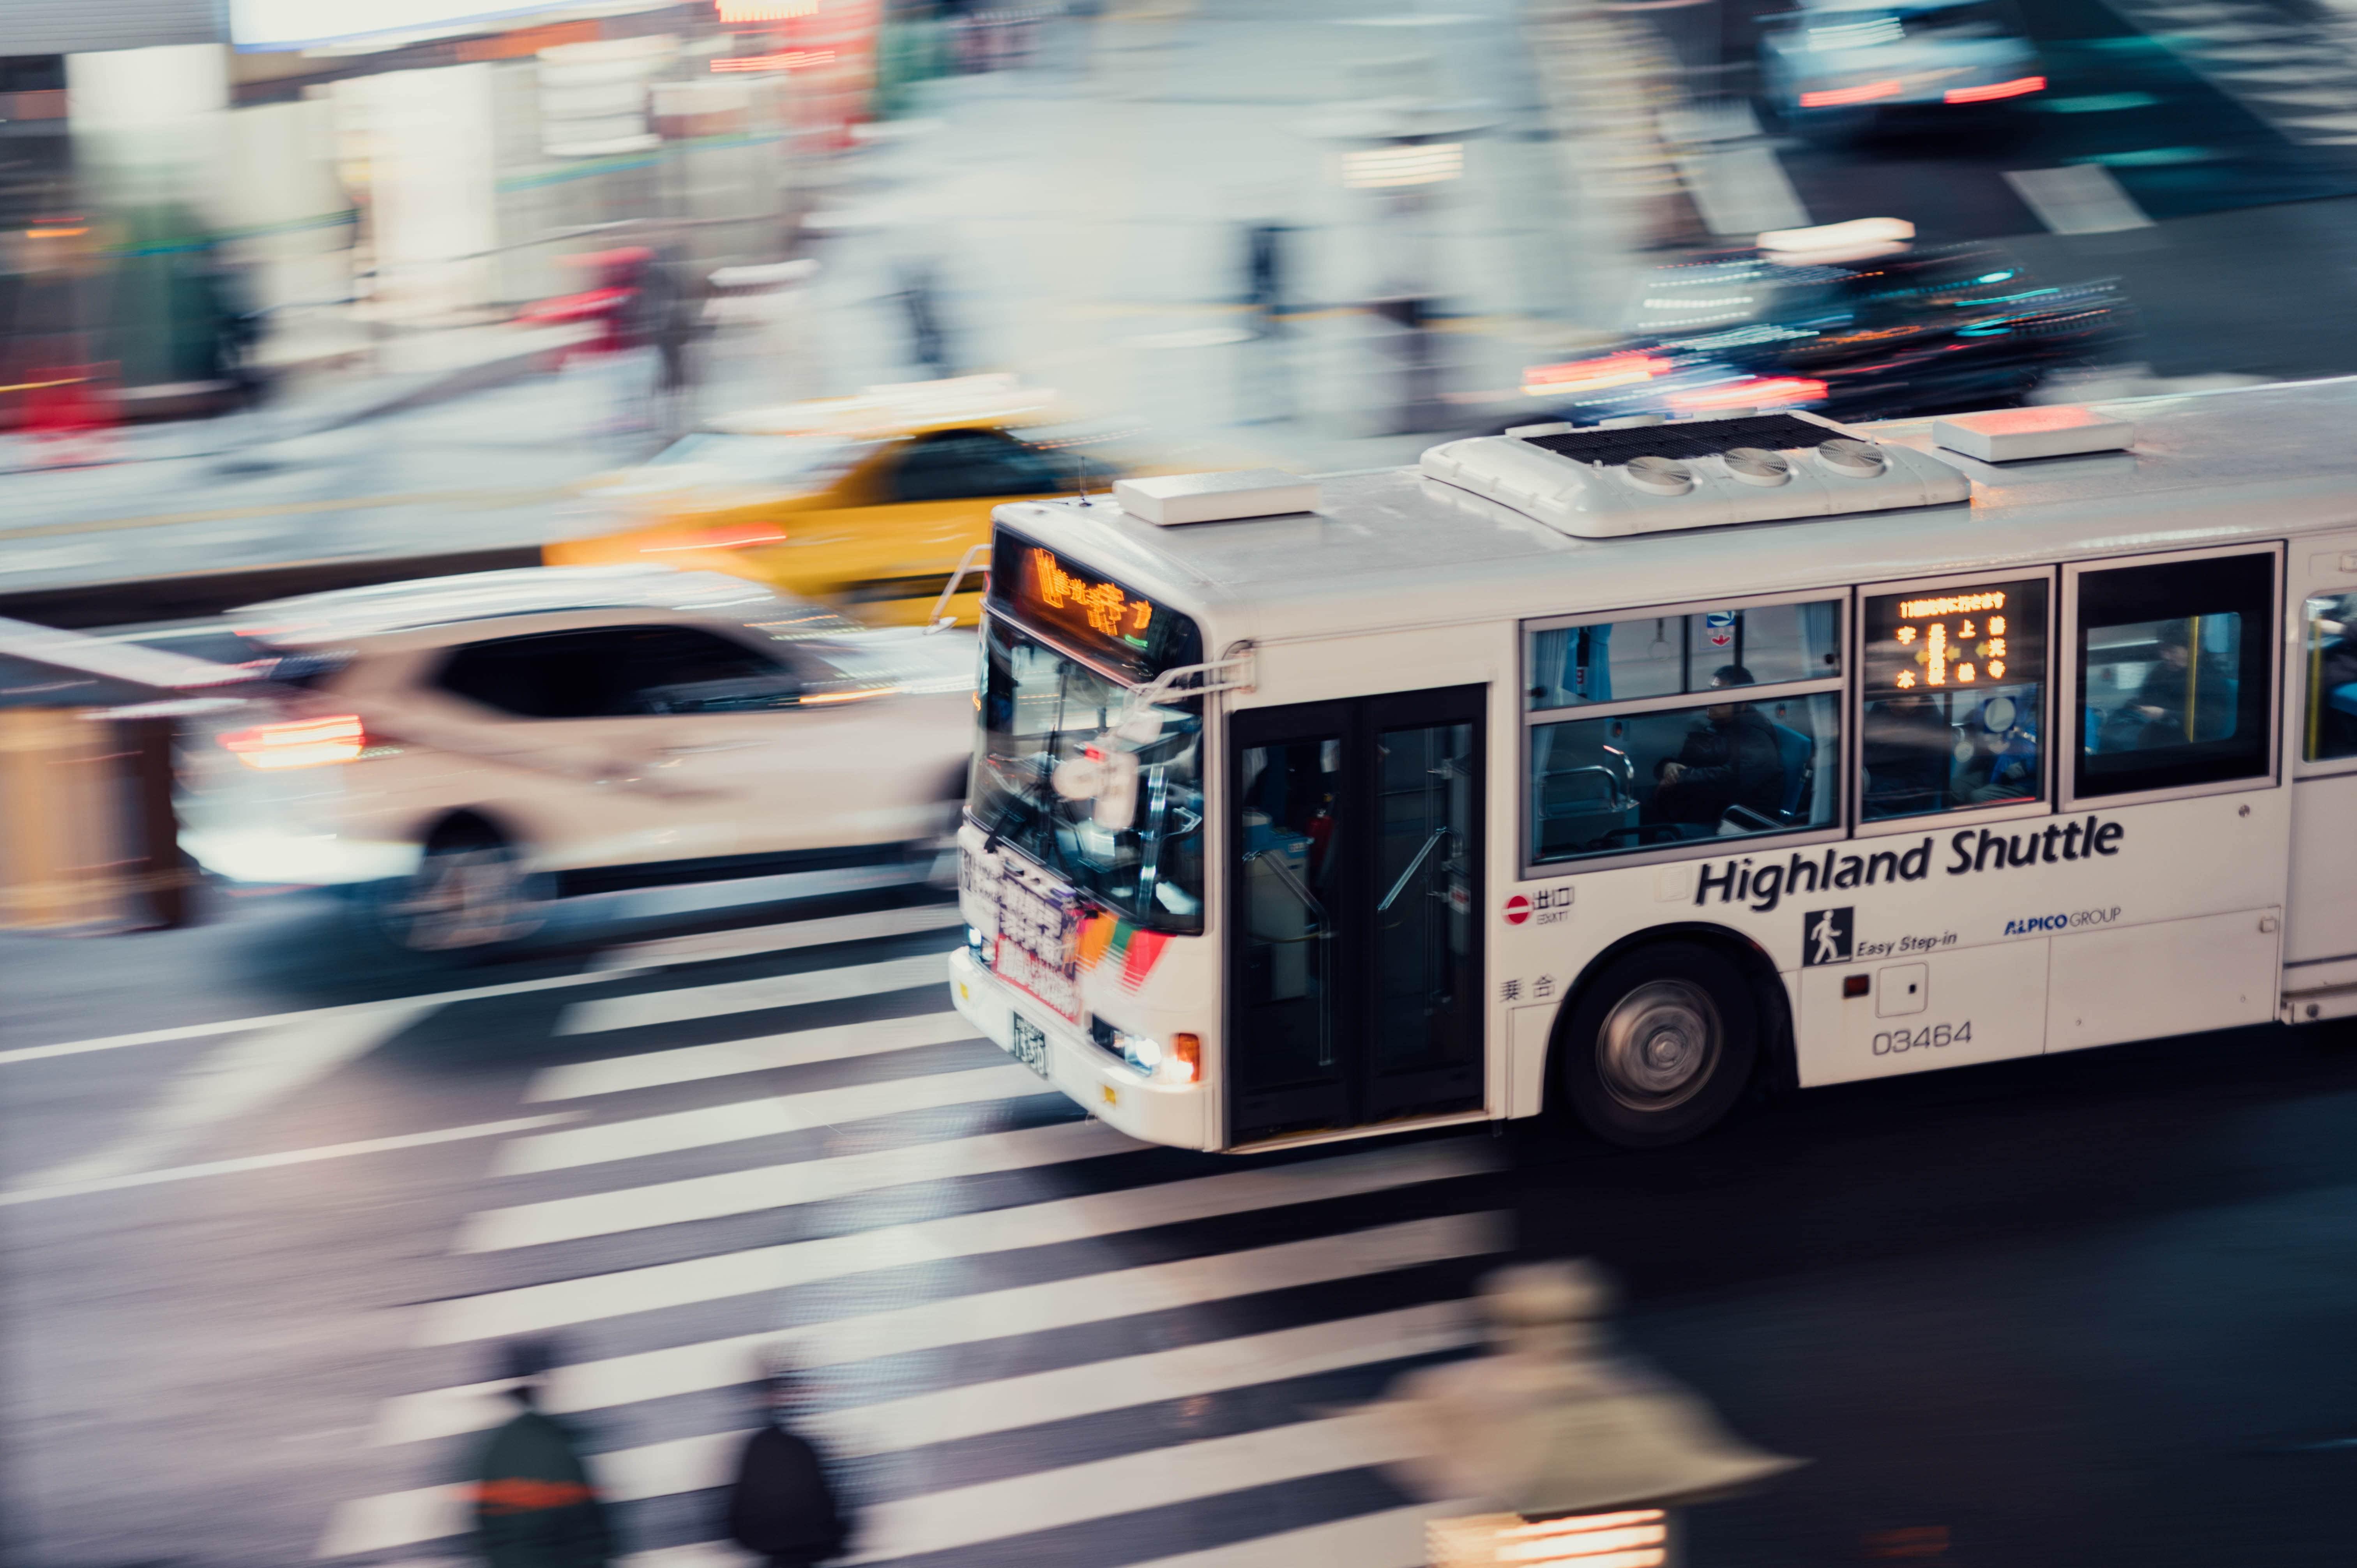 shuttle bus in city